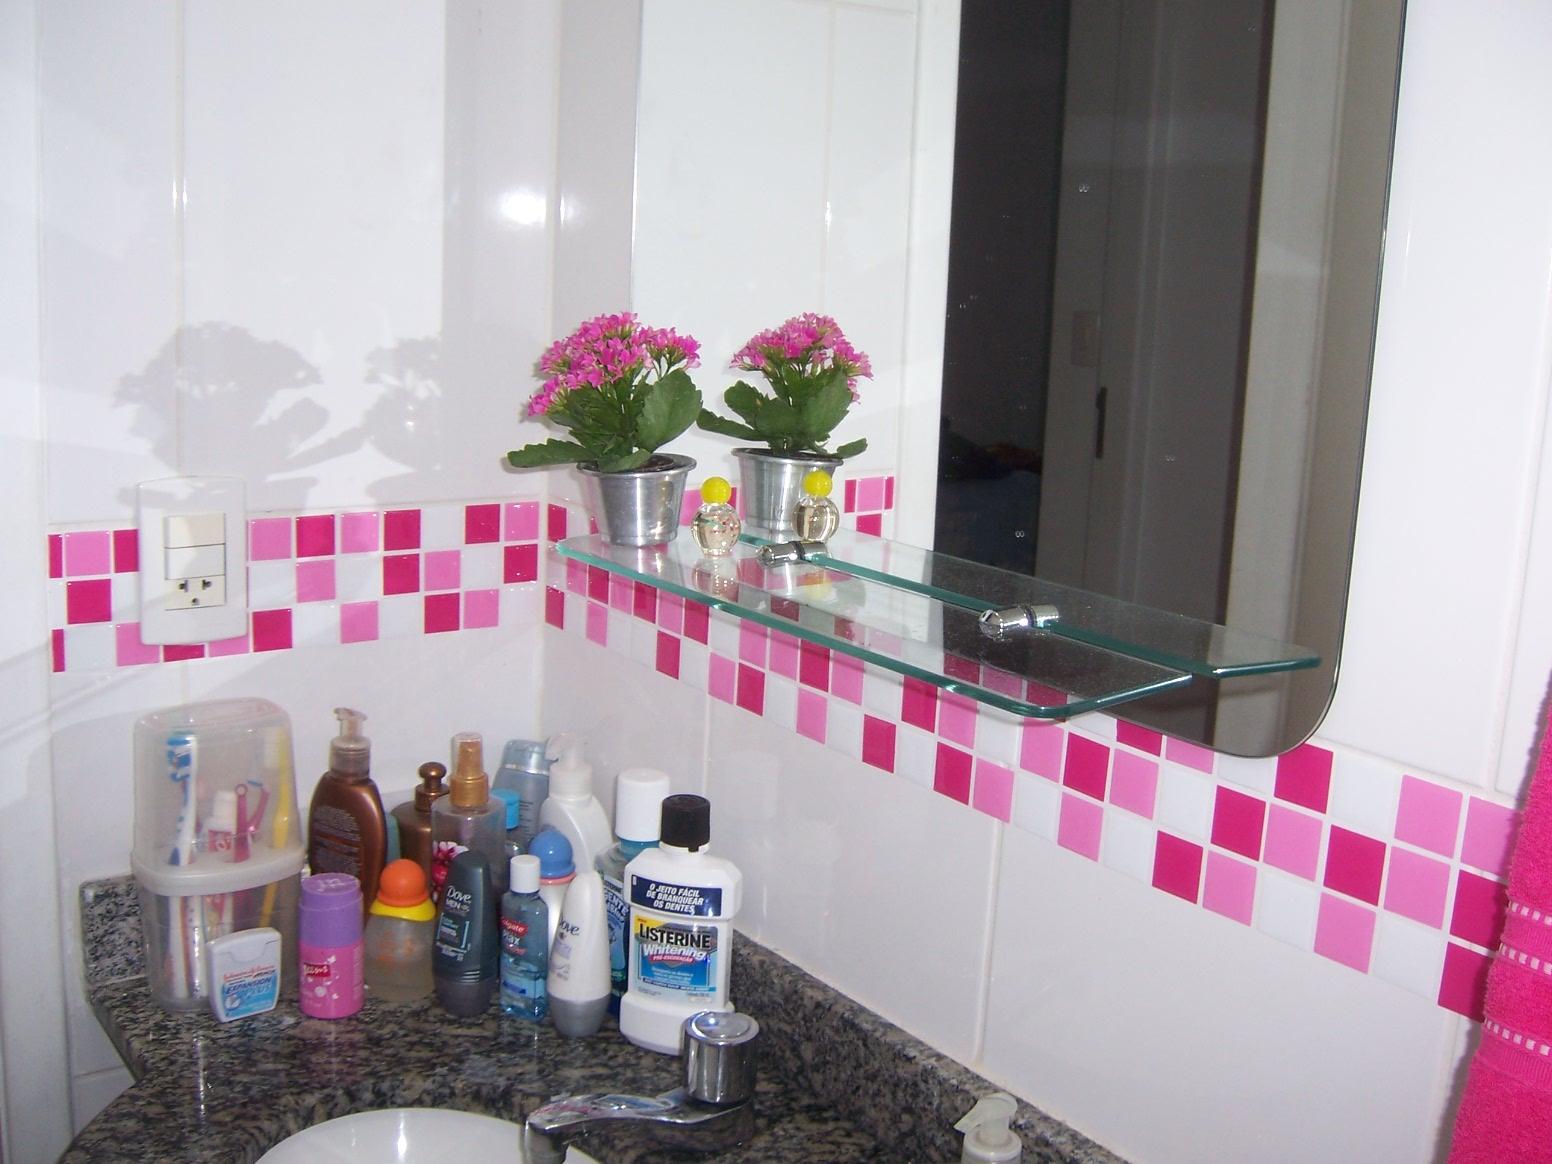 #A5265F Casinha colorida: Reformando as paredes sem fazer obras – azulejos 1552x1164 px Balcão Cozinha Americana Tok Stok_1897 Imagens